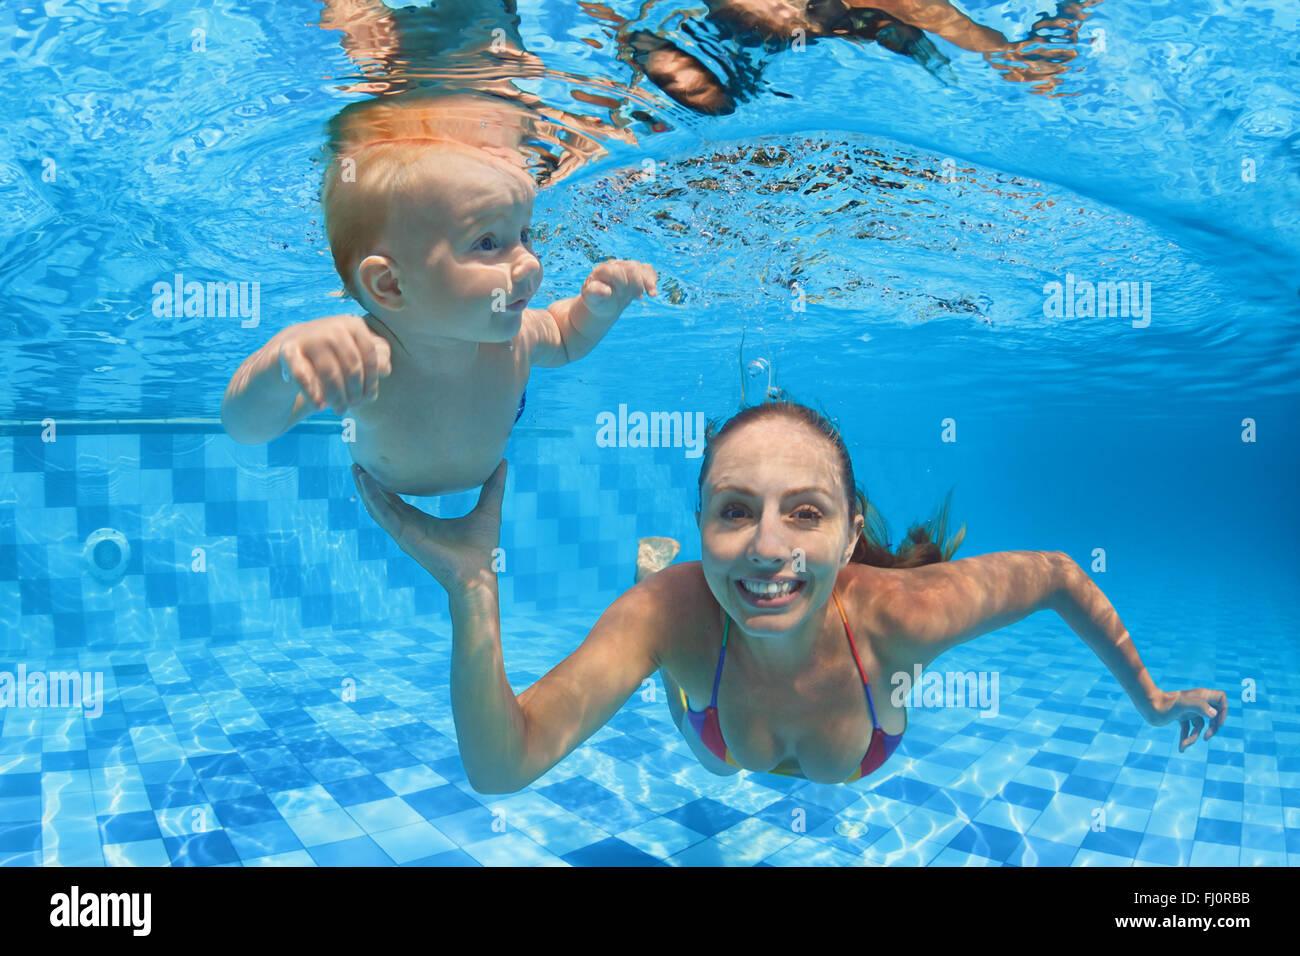 Bambino lezione di nuoto - baby boy con la madre imparare ad immergersi sott'acqua nella piscina con acque blu cristallo. Foto Stock